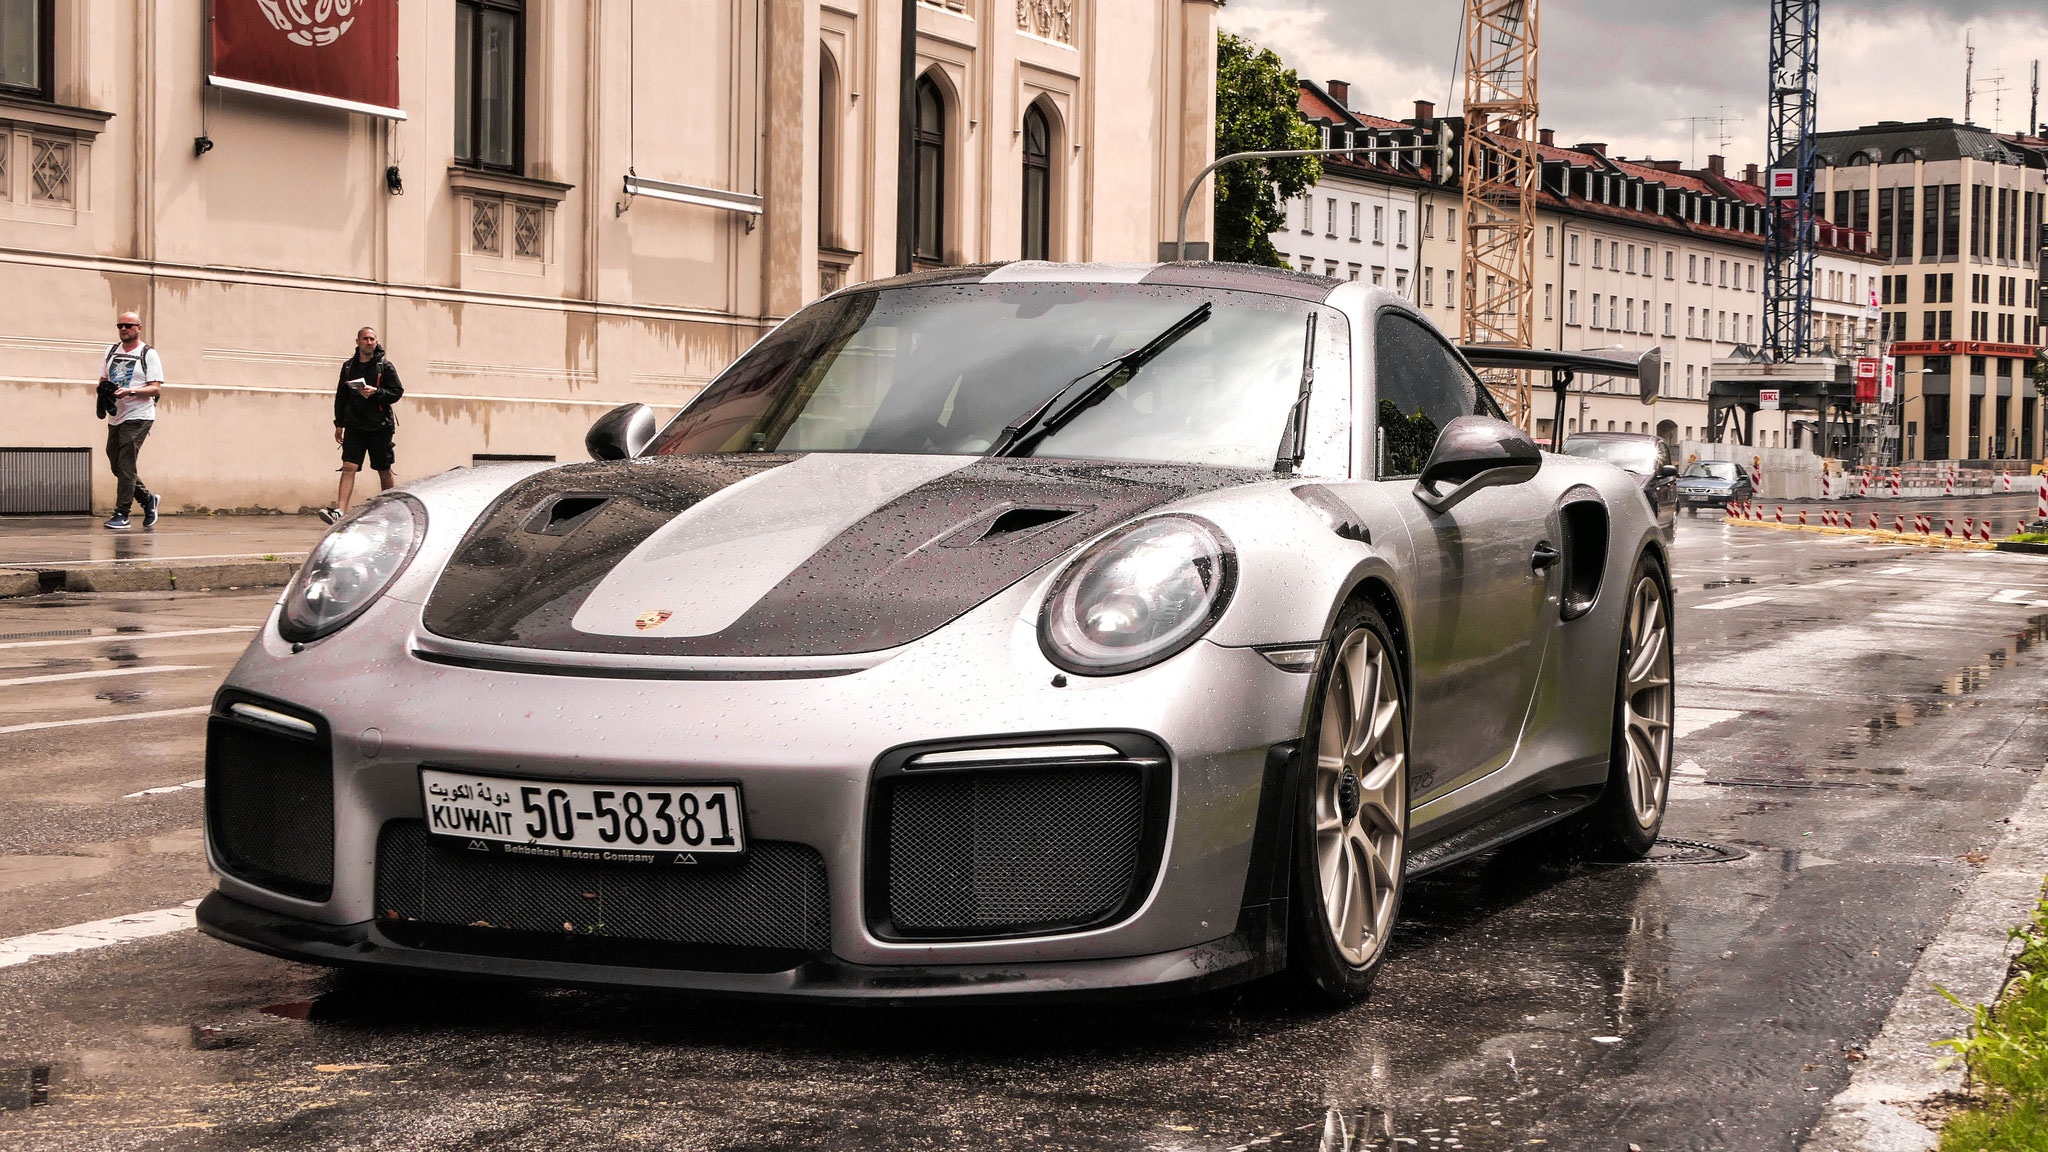 Porsche 911 GT2 RS - 50-58381 (KWT)